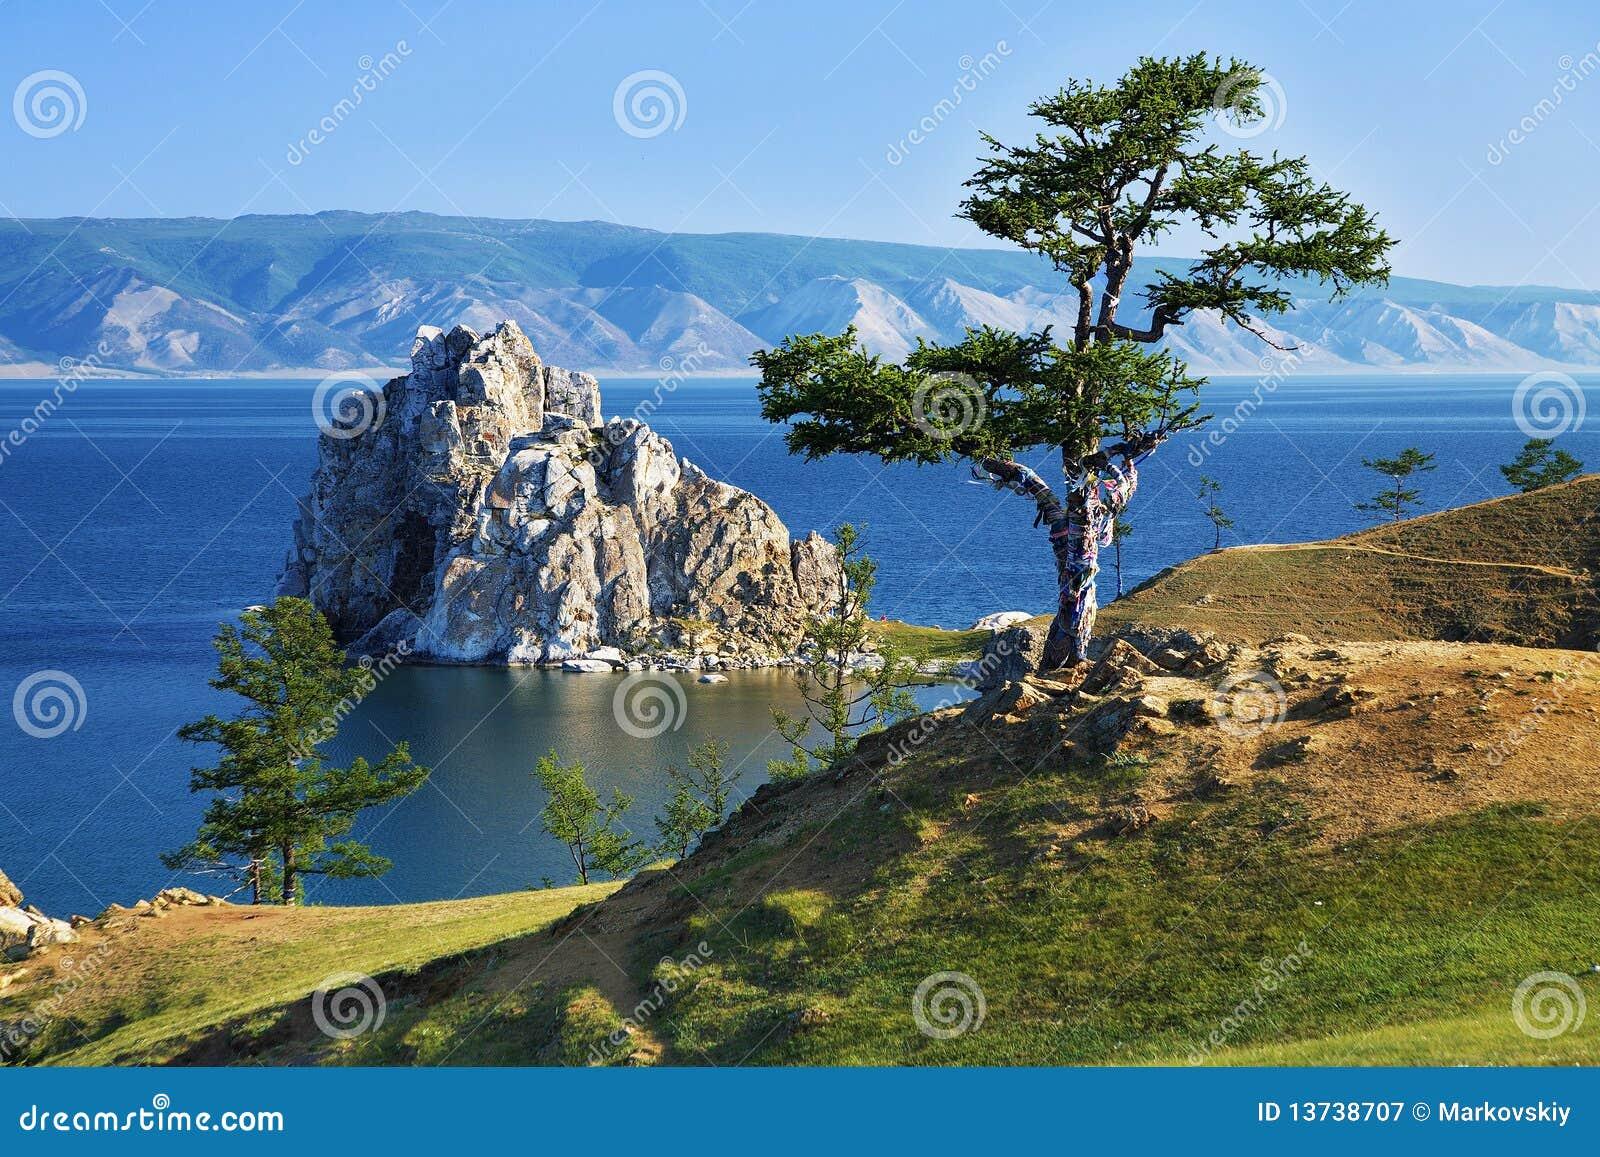 Árbol de deseos en el lago Baikal